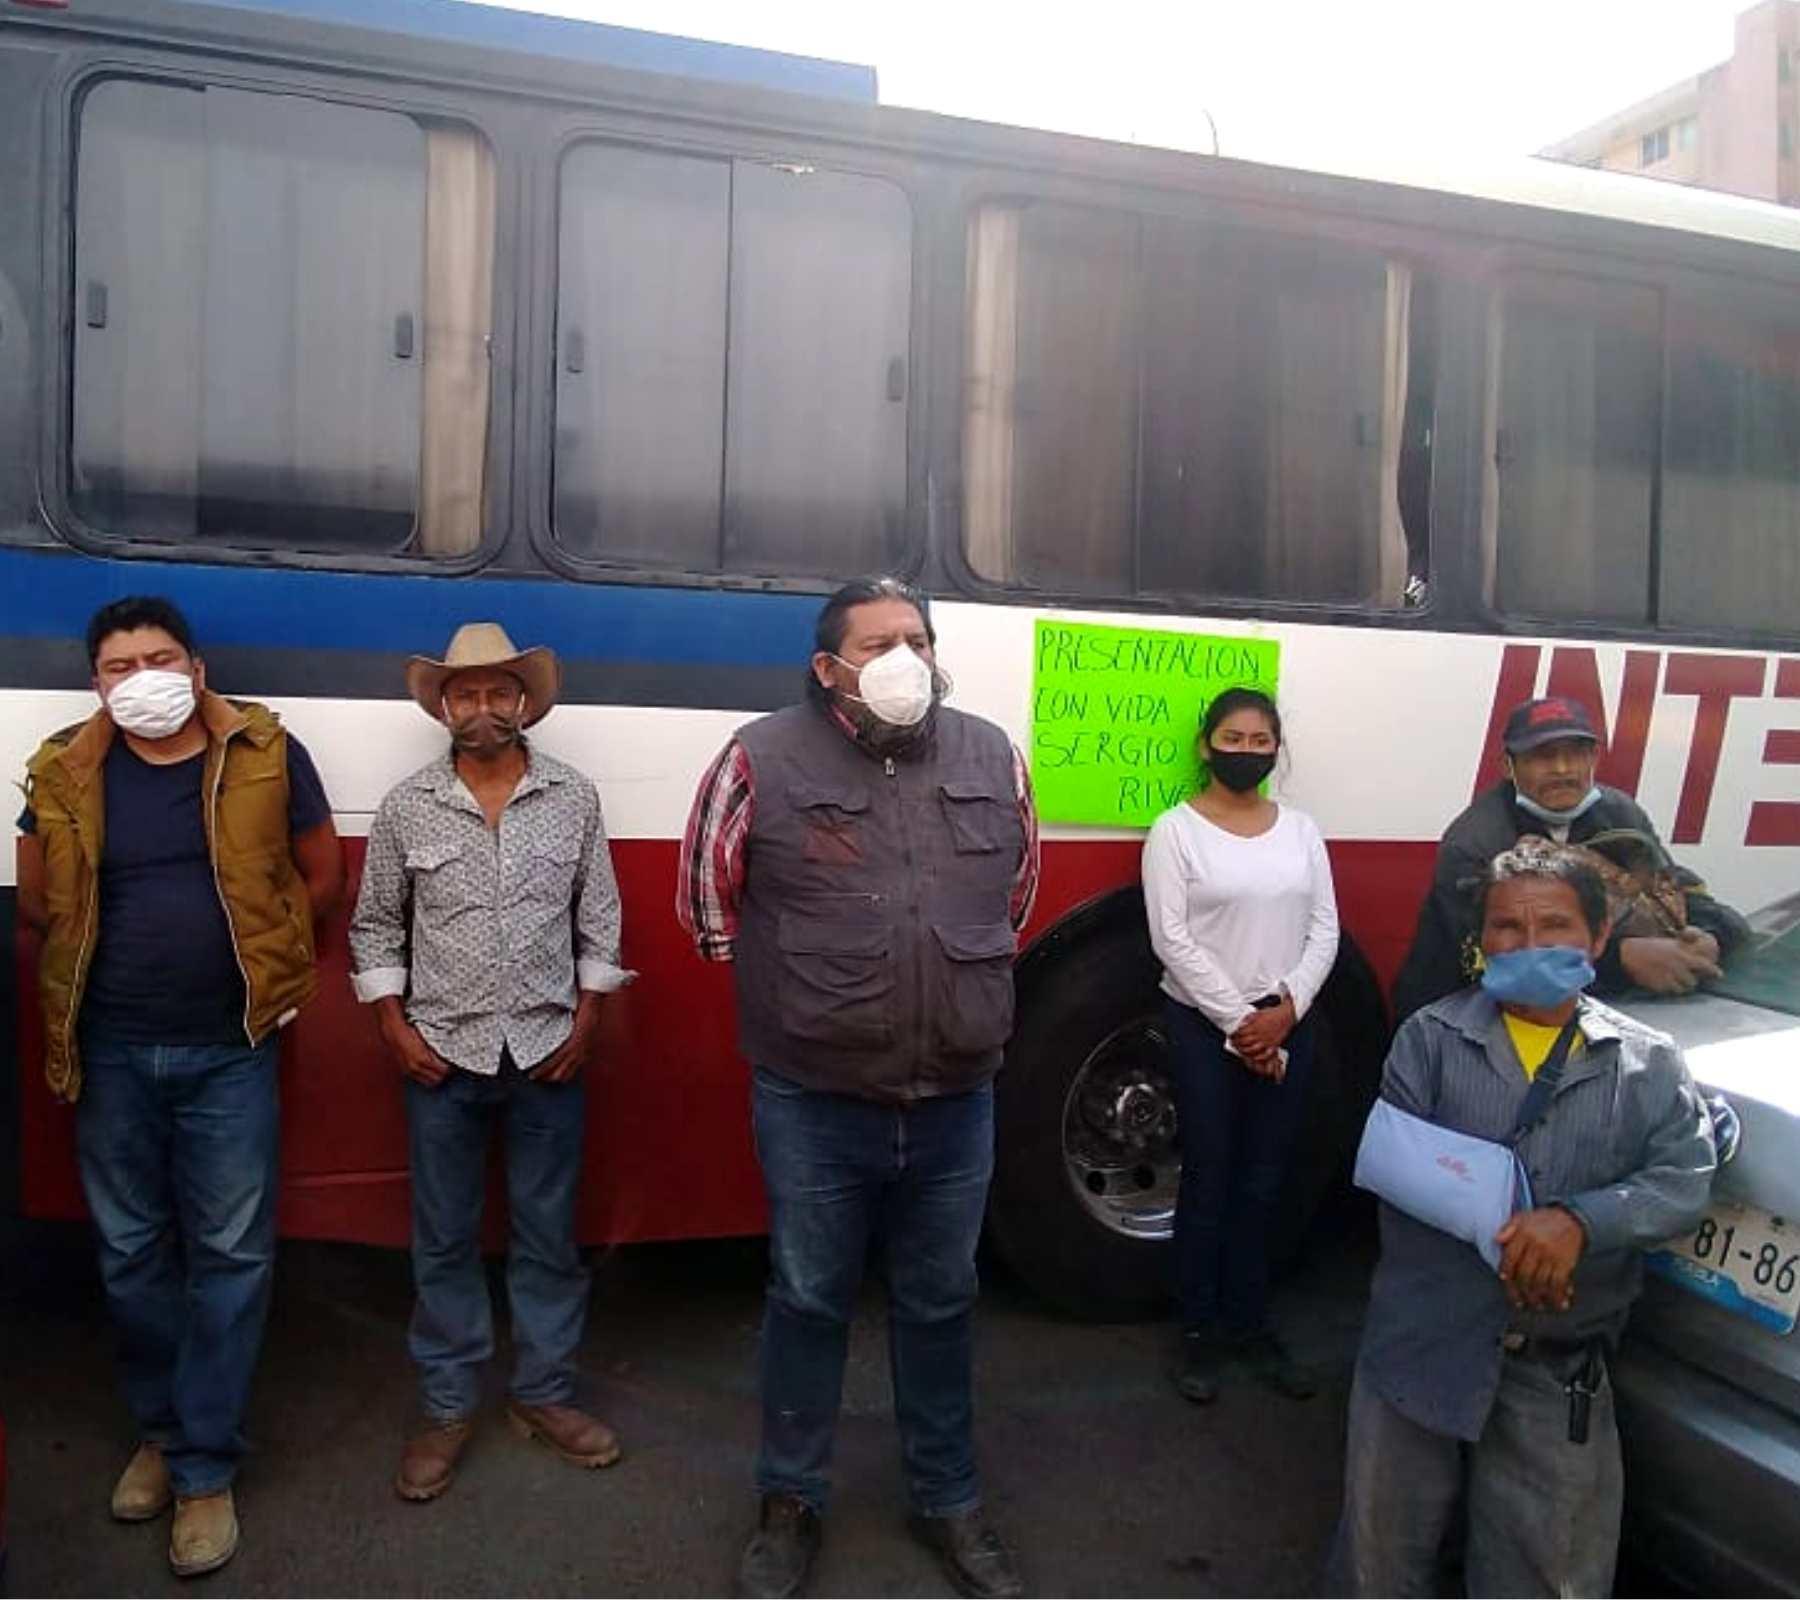 Fotografía de activistas exigiendo la búsqueda de Sergio